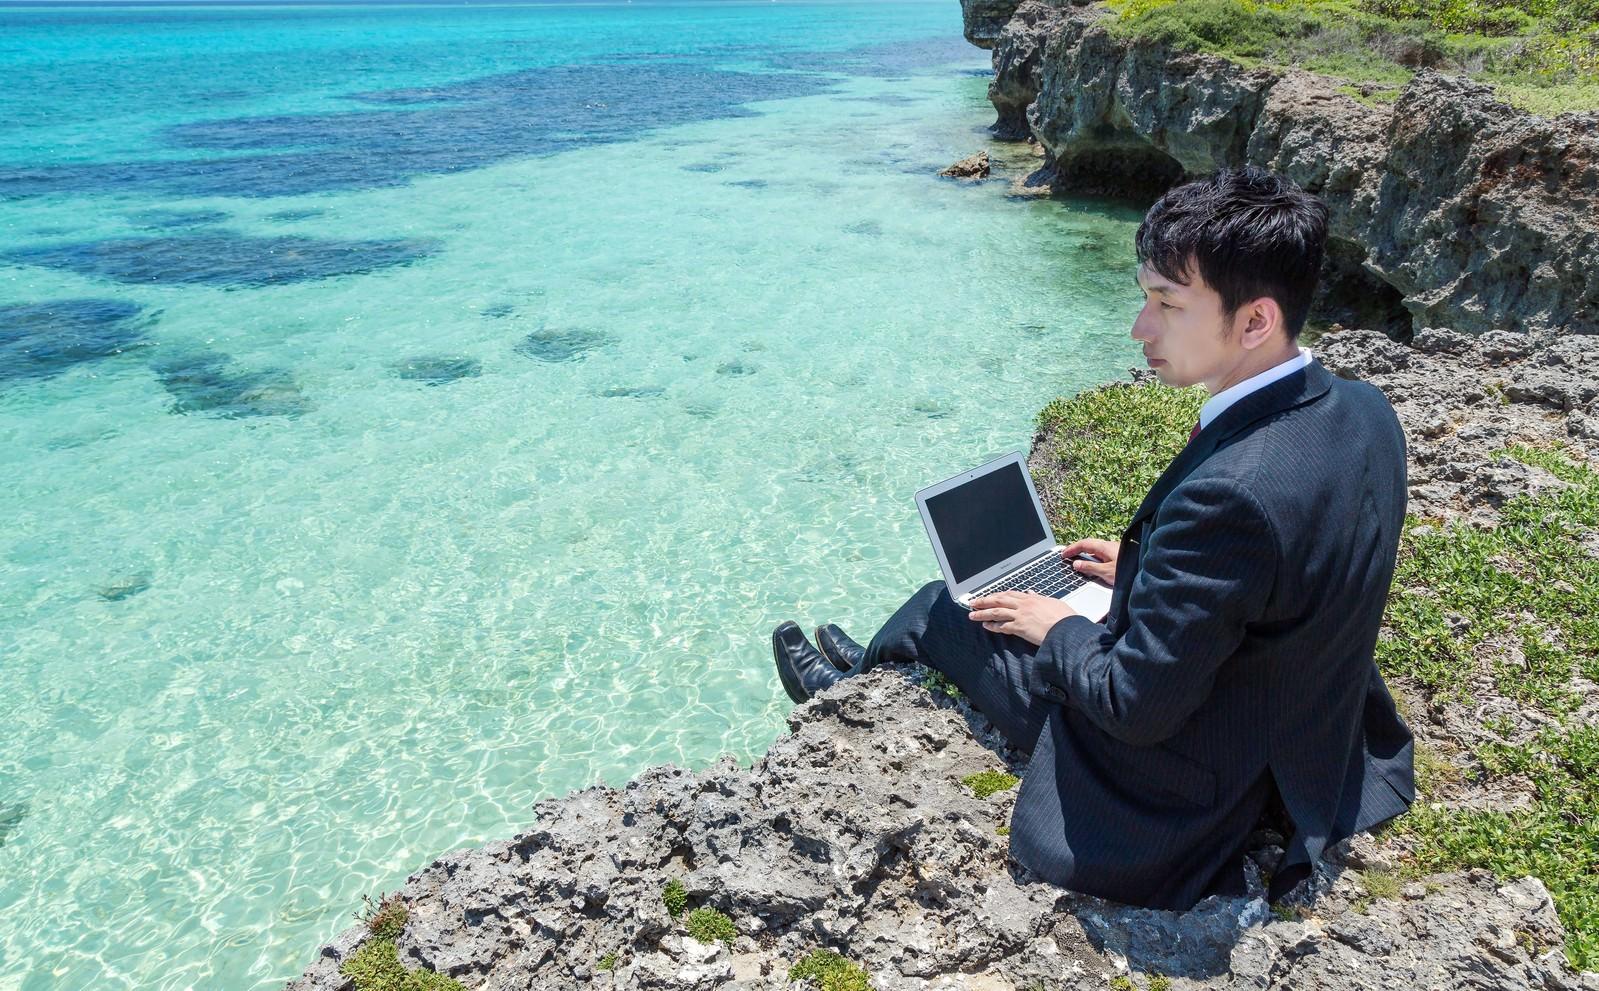 「シュノーケリングスポットでスーツを着用し請求書を作成するビジネスマン」[モデル:大川竜弥]